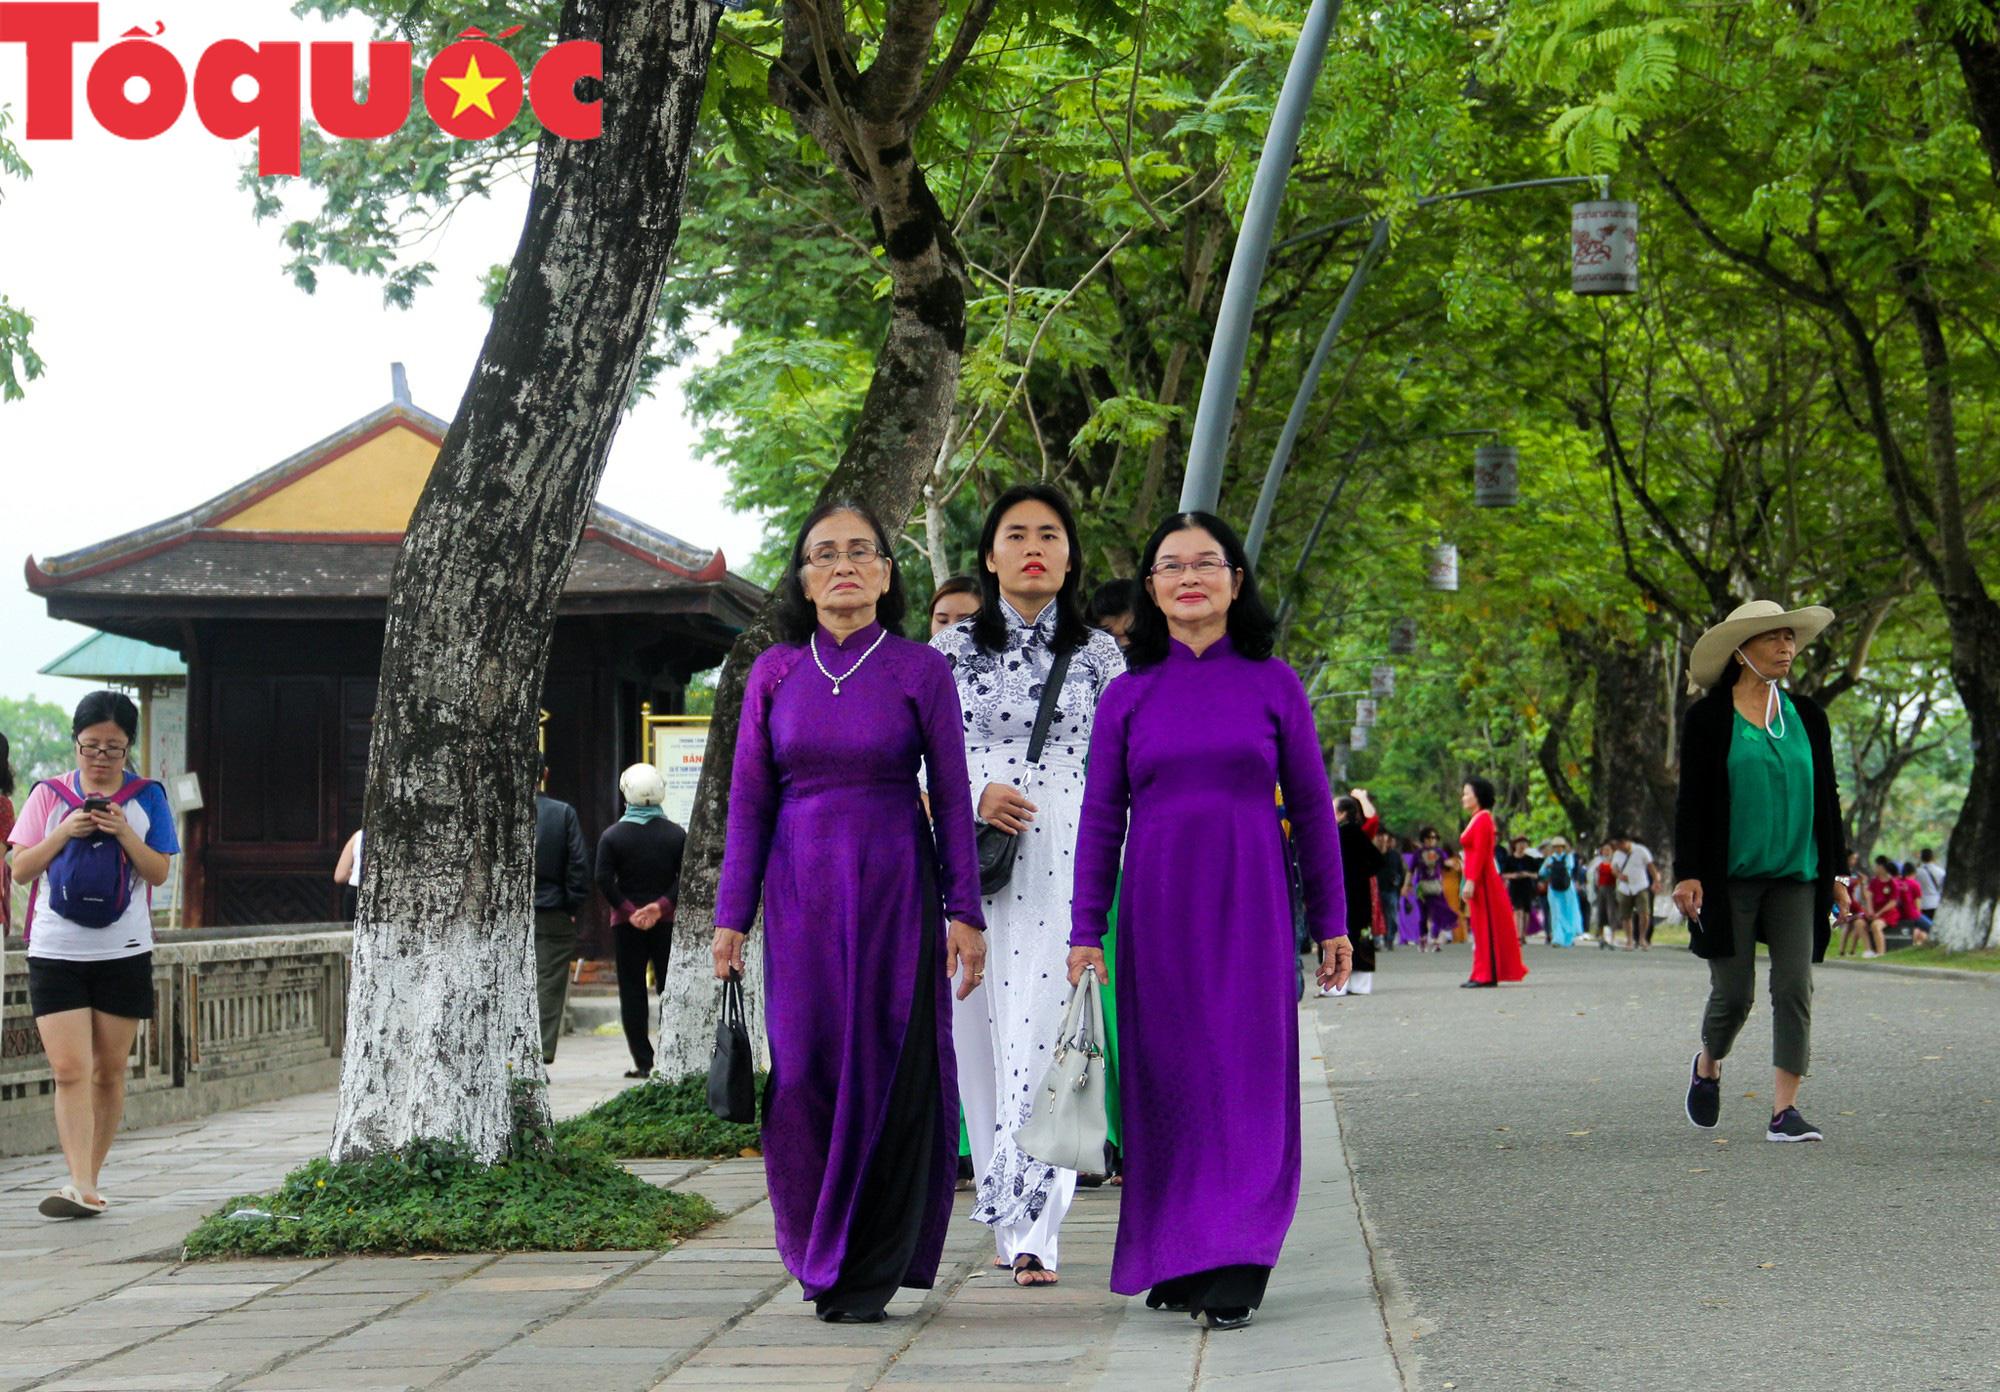 Ấn tượng hình ảnh hàng trăm tà áo dài thướt tha trong Đại Nội Huế ngày 8/3 - Ảnh 5.